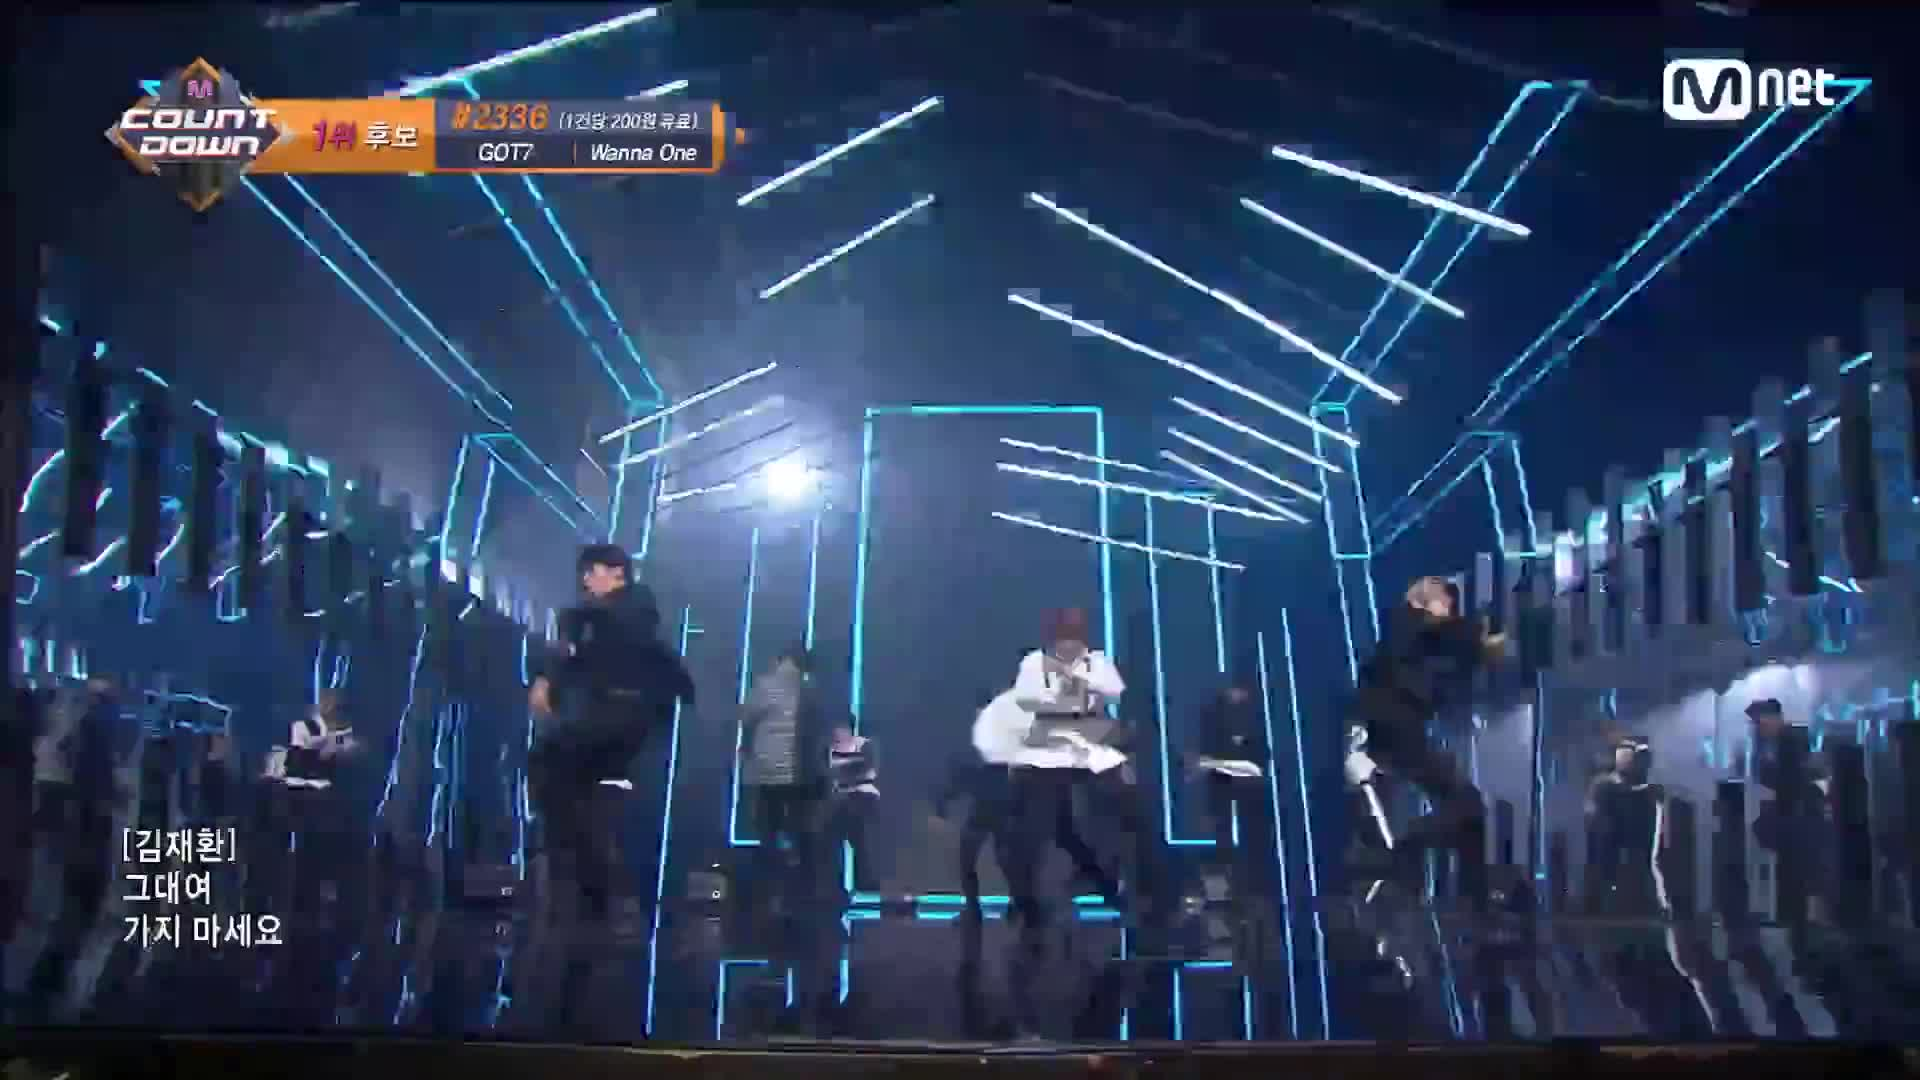 2 tuần hậu lùm xùm, Wanna One đã trở lại và hạ GOT7 trên sân khấu đầu tiên